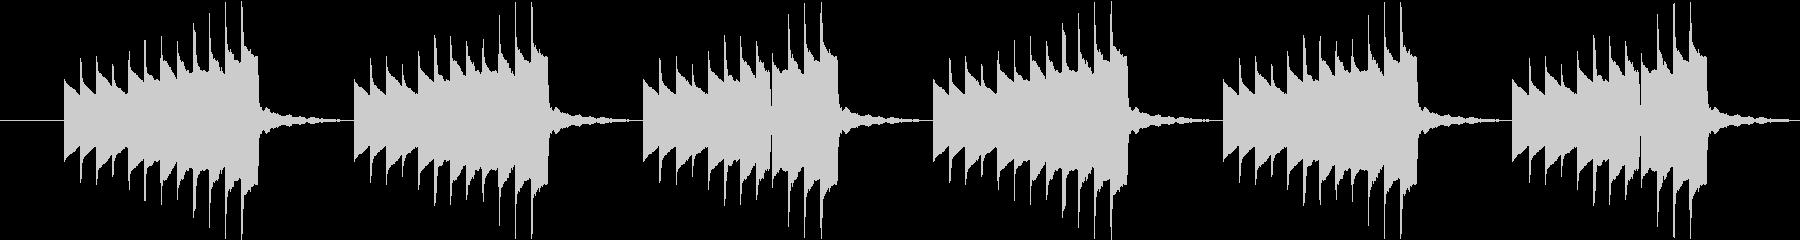 昔の携帯電話着信音風の未再生の波形